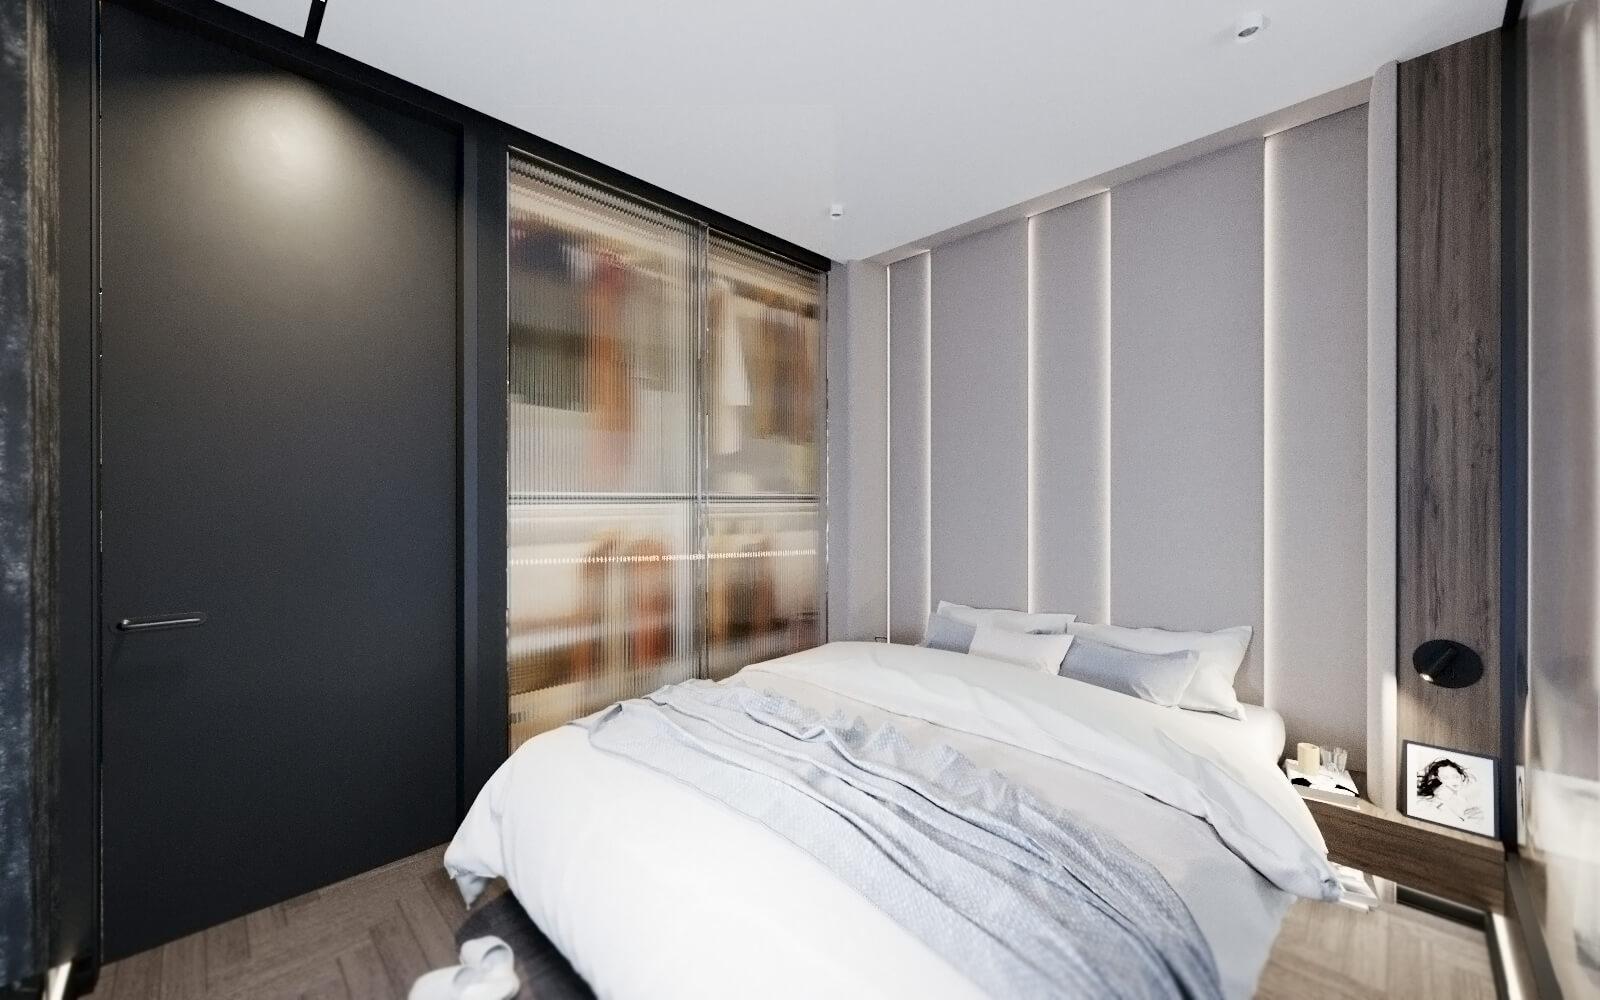 дизайн спальни в черном цвете